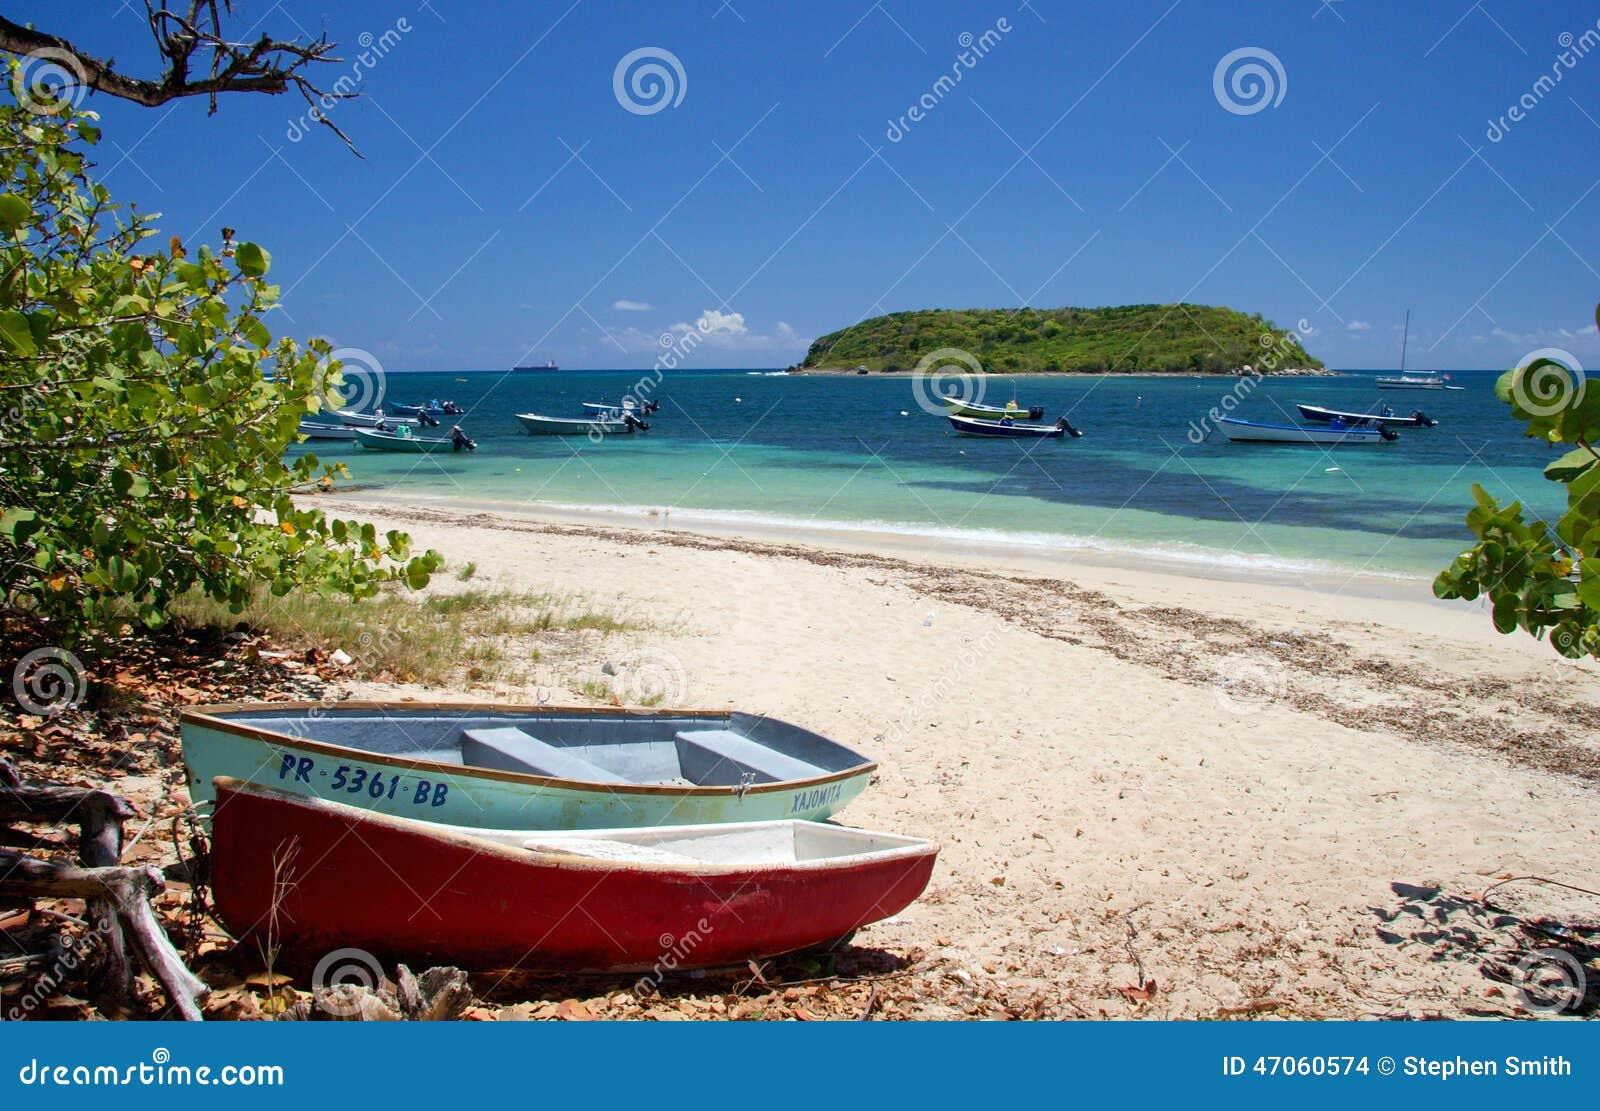 Αλιευτικά σκάφη στην παραλία, νησί Vieques, Πουέρτο Ρίκο